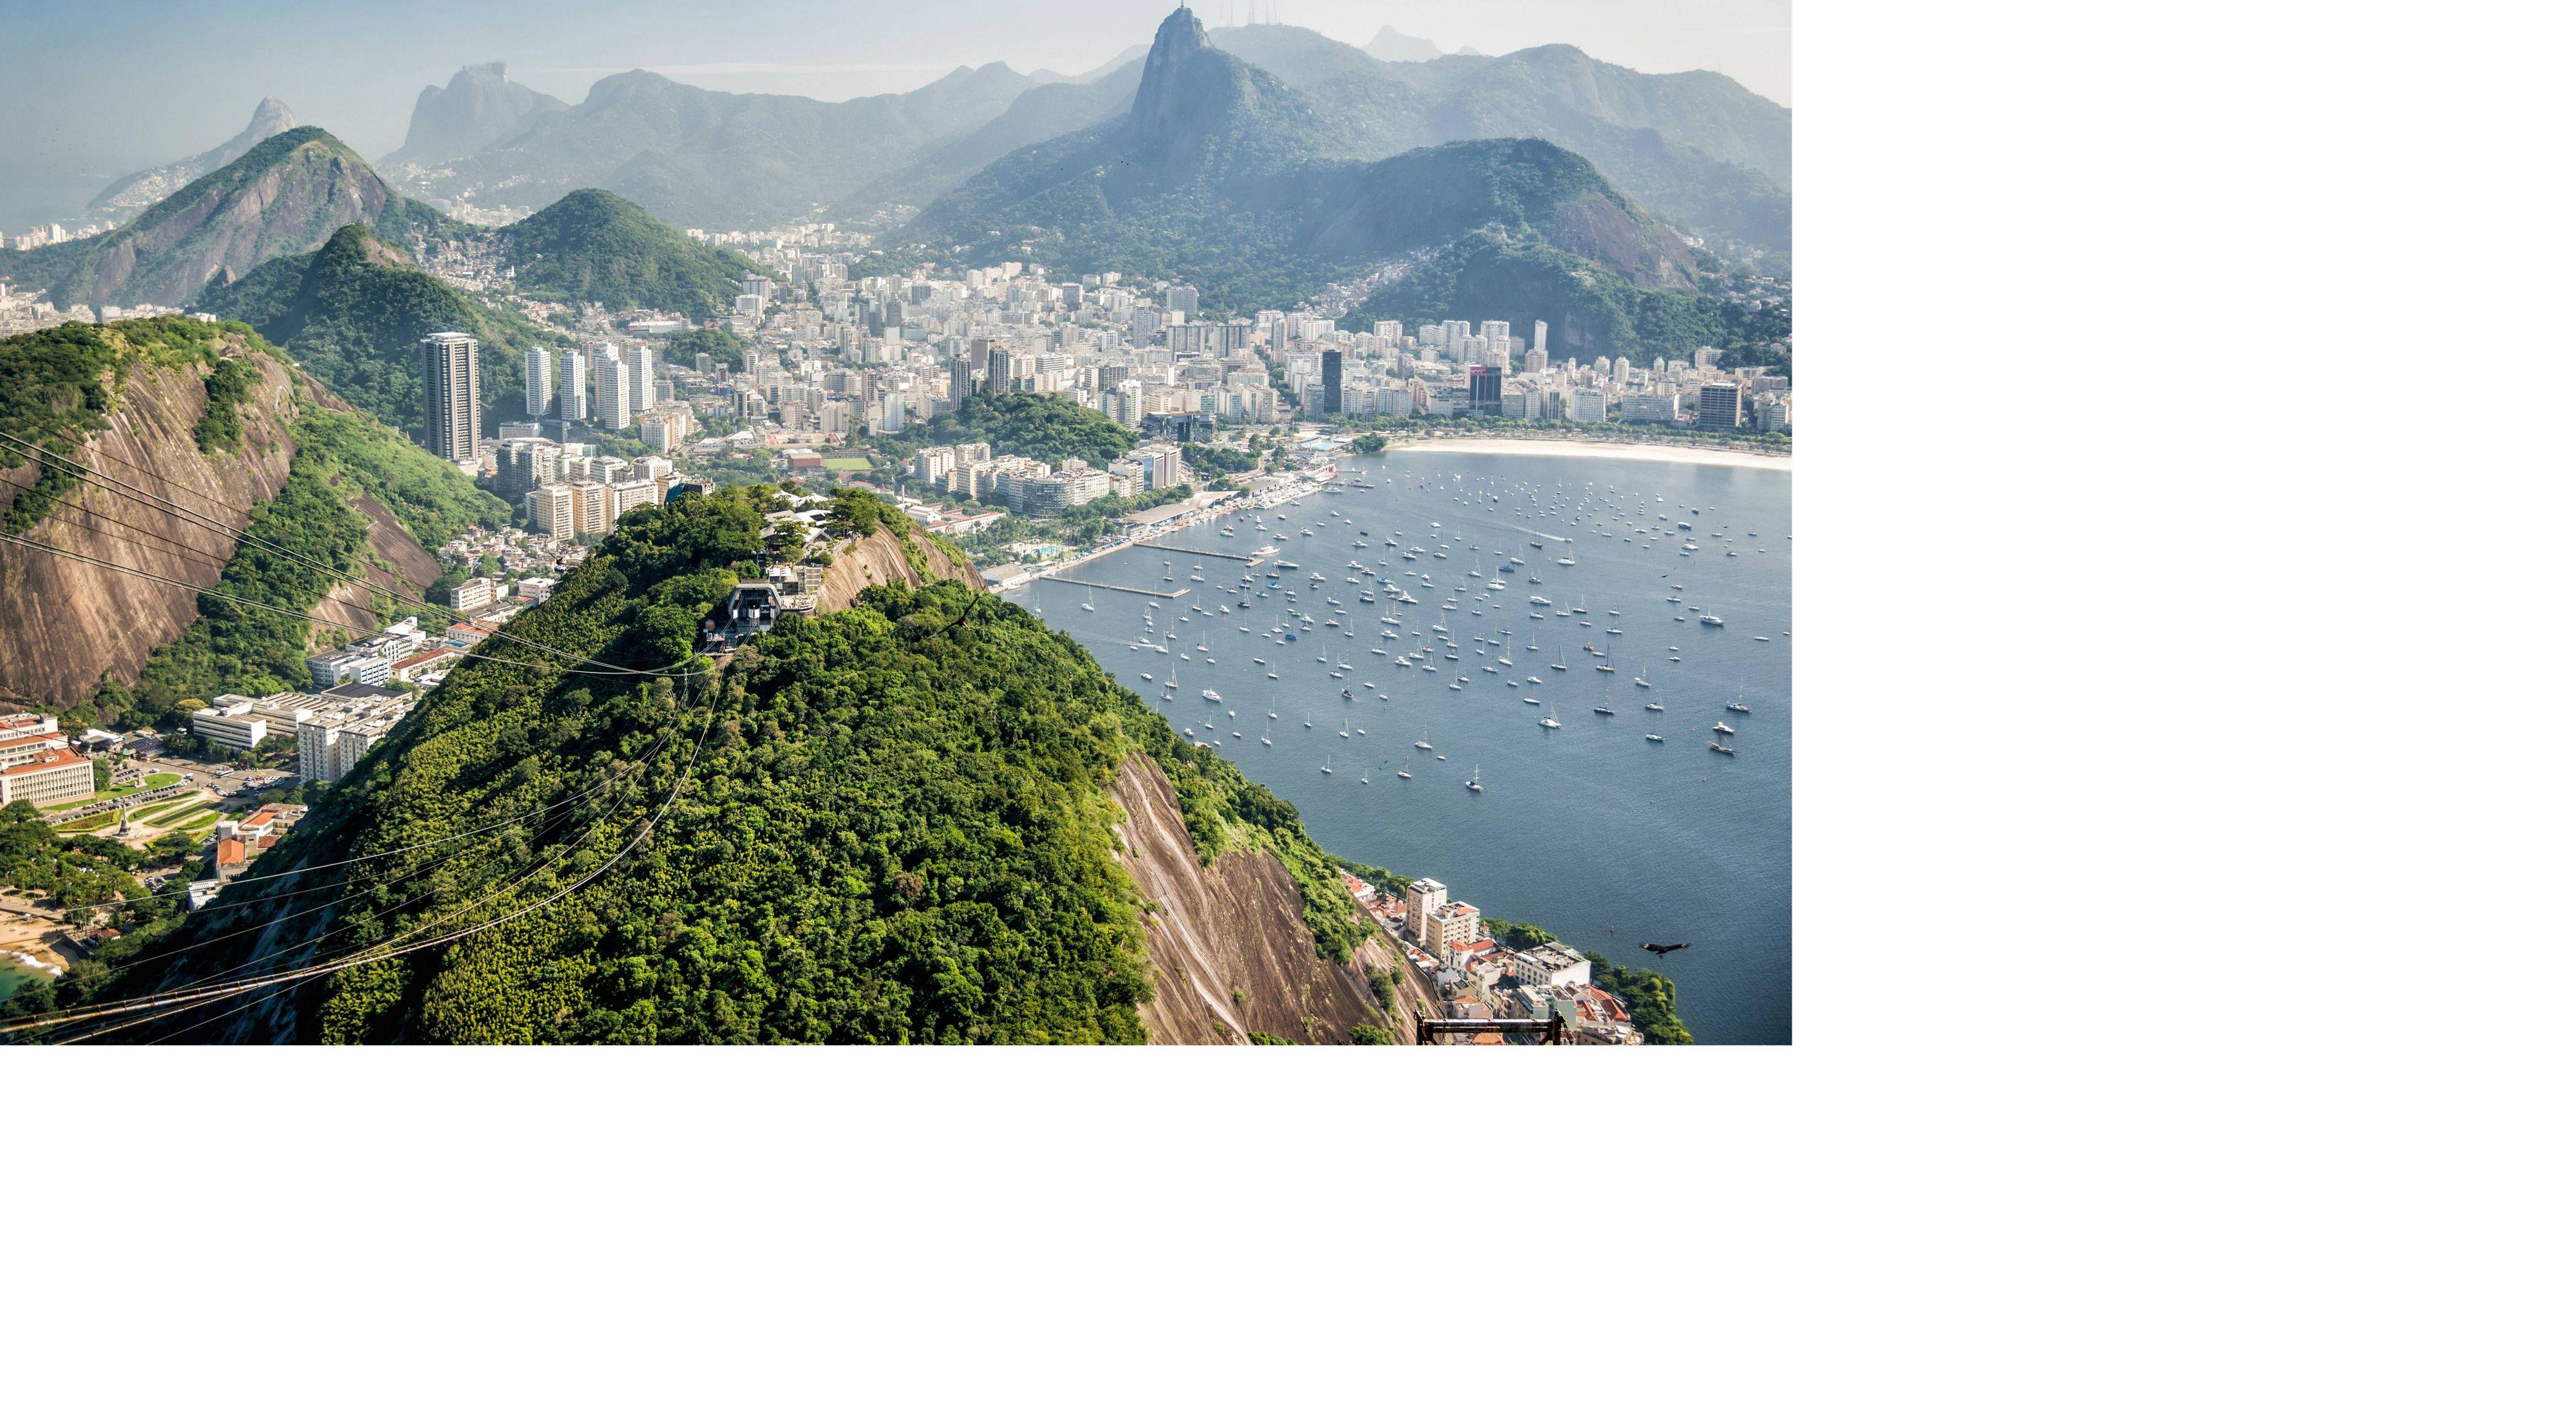 Vista aérea da cidade do Rio de Janeiro-RJ.